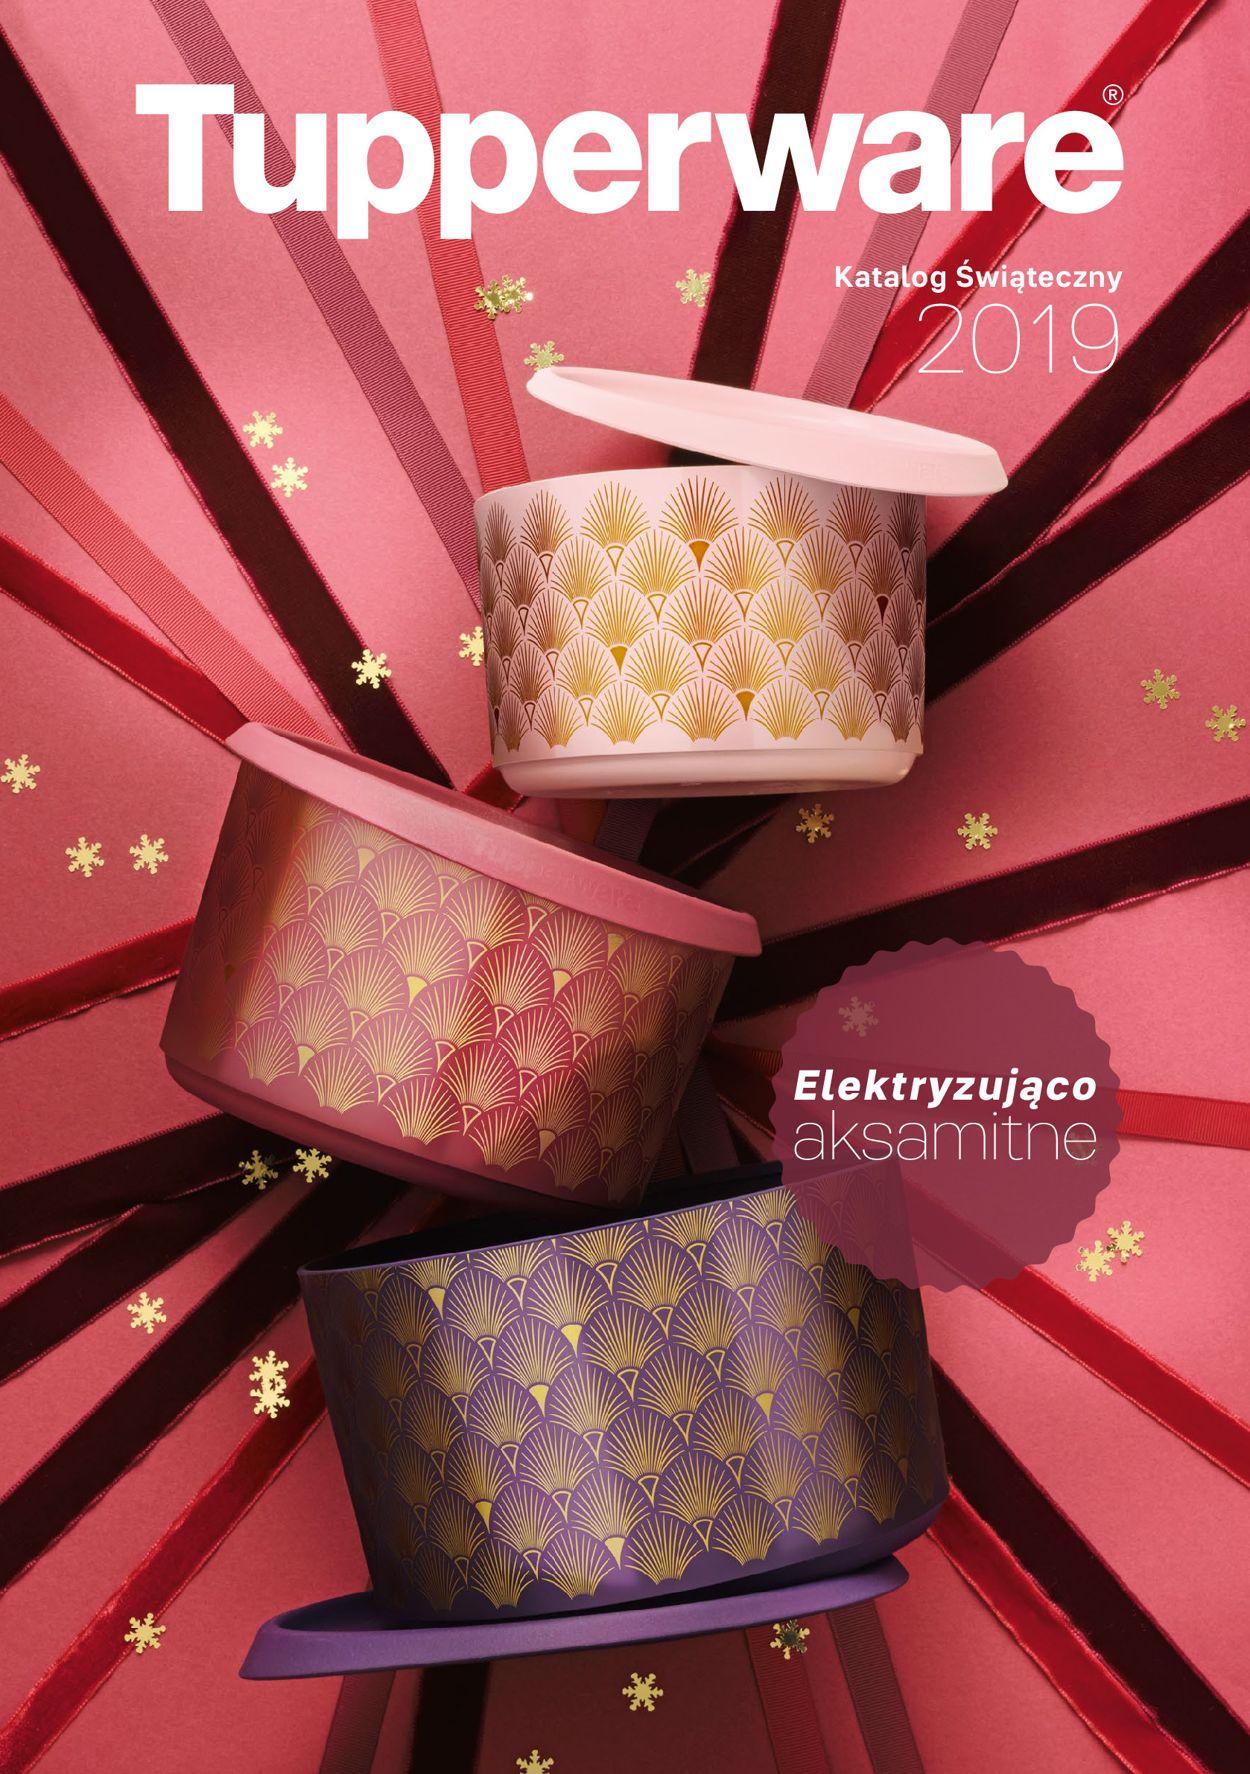 Gazetka promocyjna Tupperware - Katalog Świąteczny 2019 - 19.12-26.12.2019